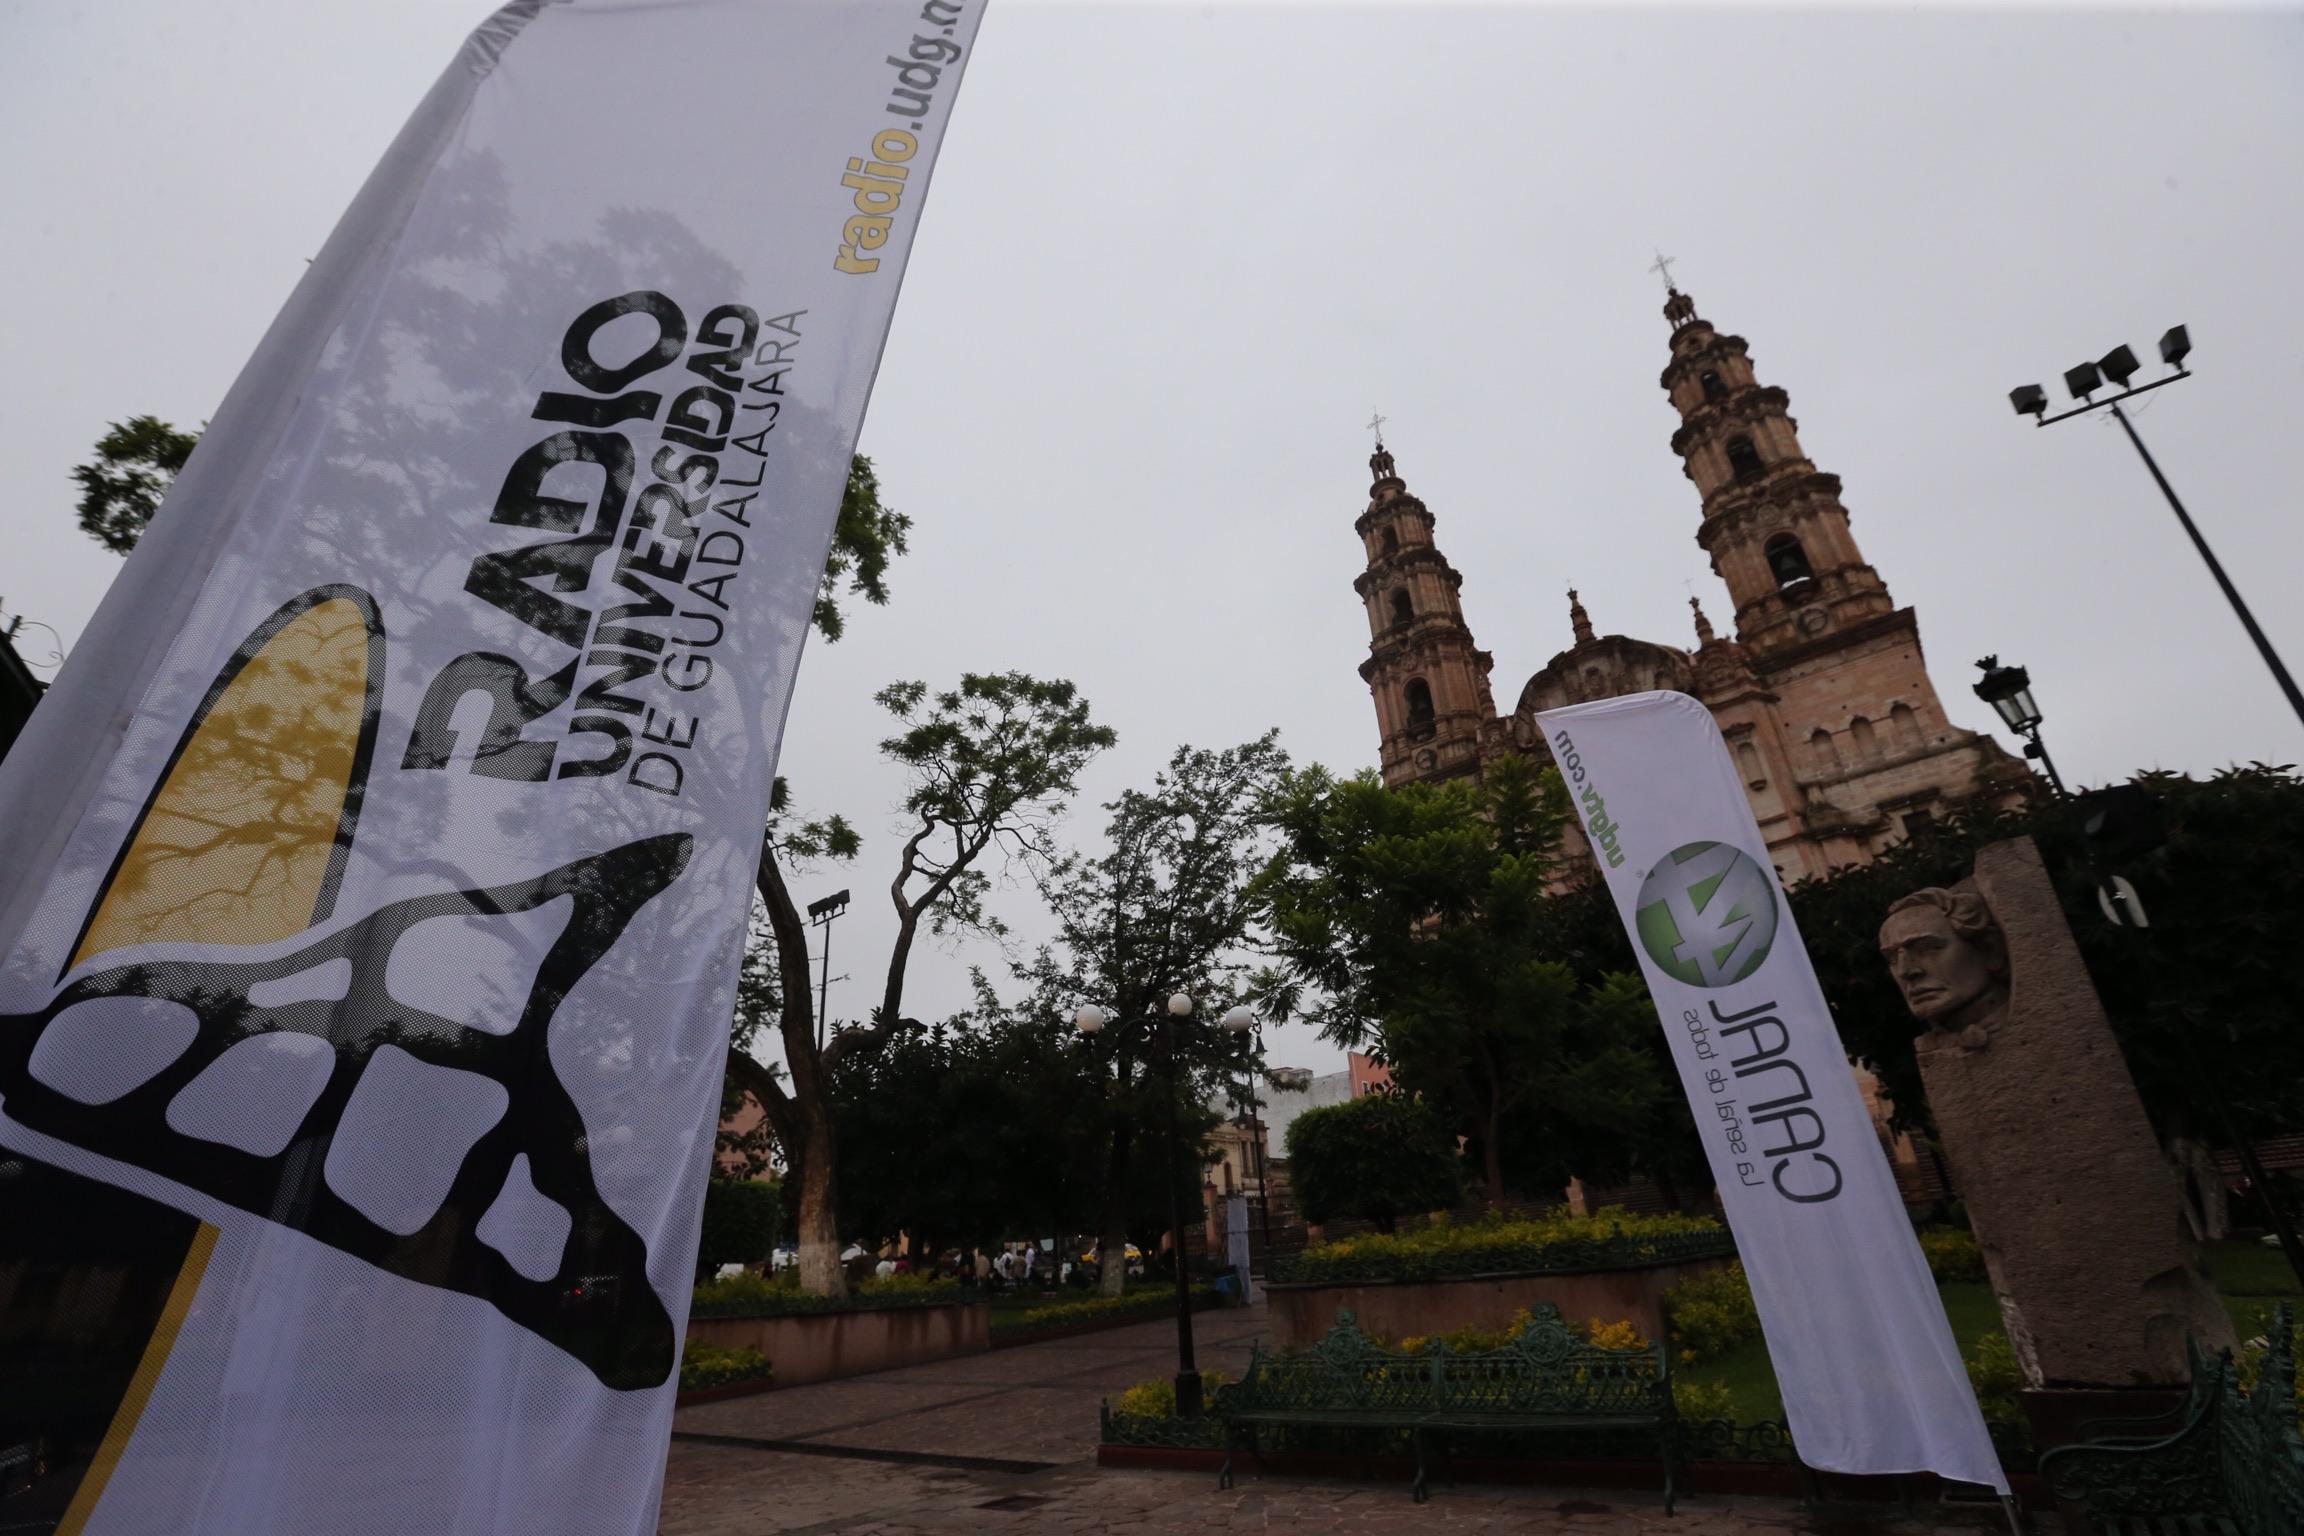 Plaza principal de Lagos de Moreno con publicidad del Canal 44 y Radio Universidad